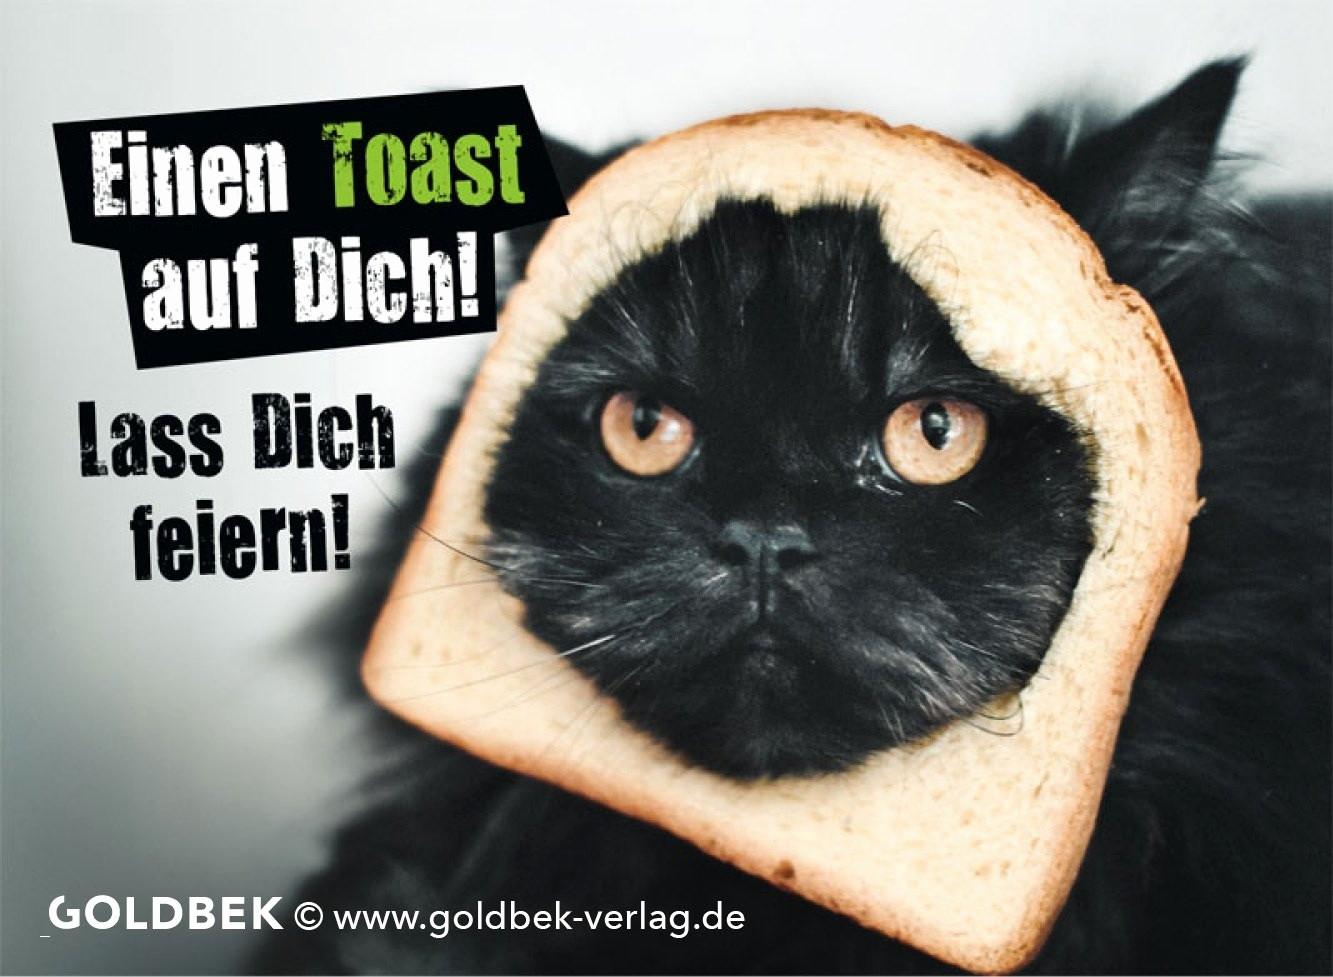 Katzenbilder Zum Ausdrucken Das Beste Von 34 Frisch Fotografie Von Katzen Bilder Zum Ausdrucken Kostenlos Galerie